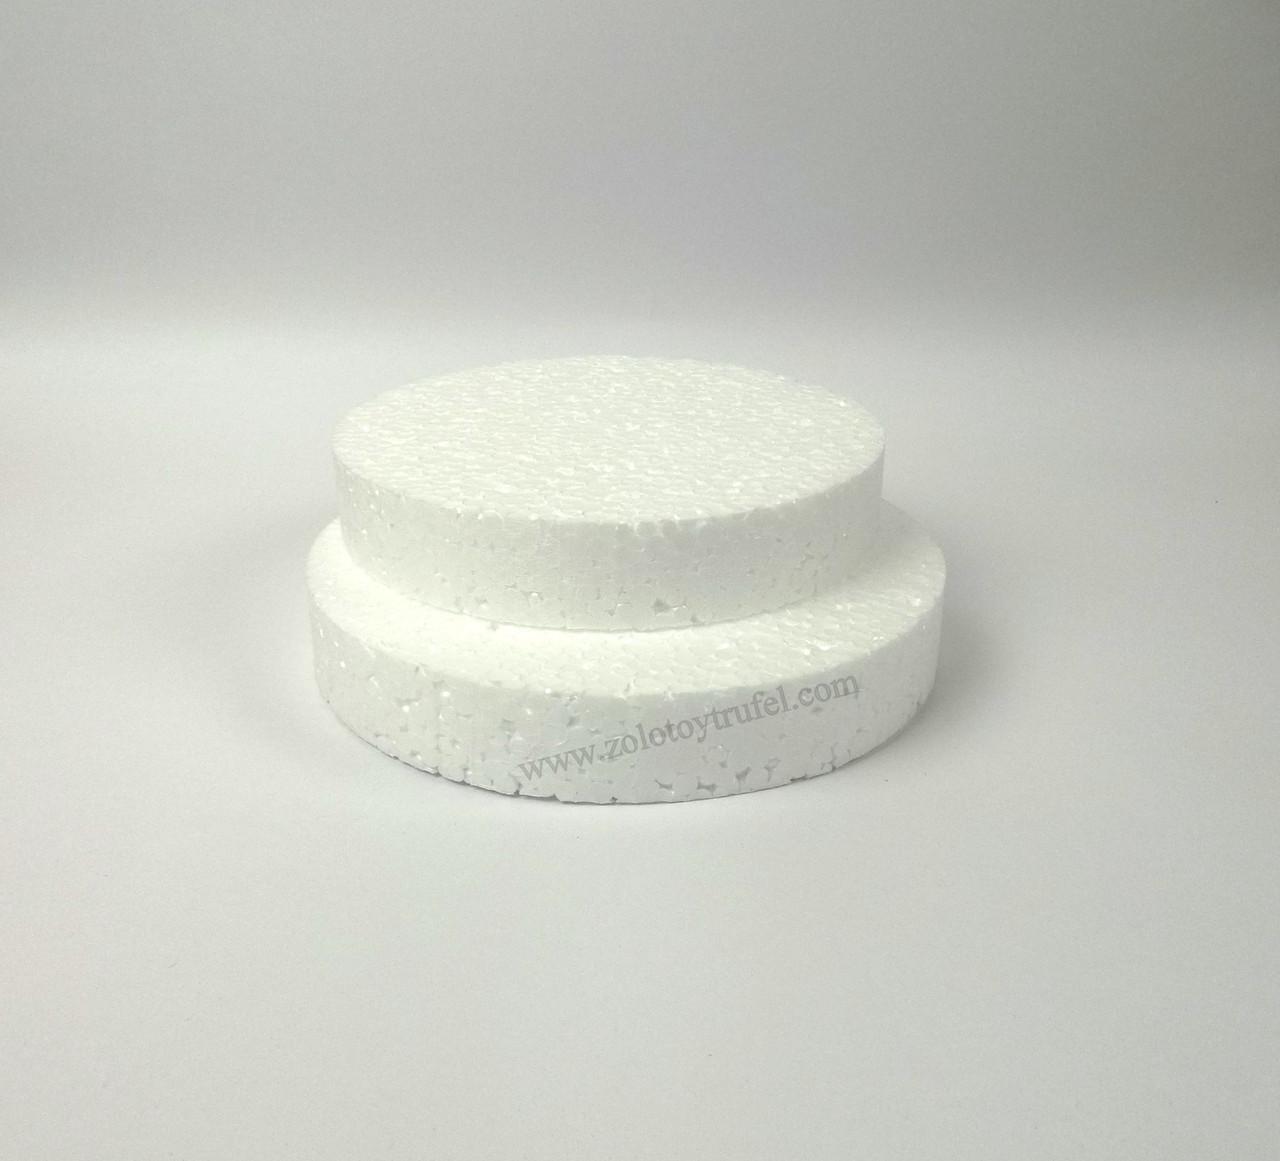 Прослойки пенопластовые для торта d 46 см h 3 см